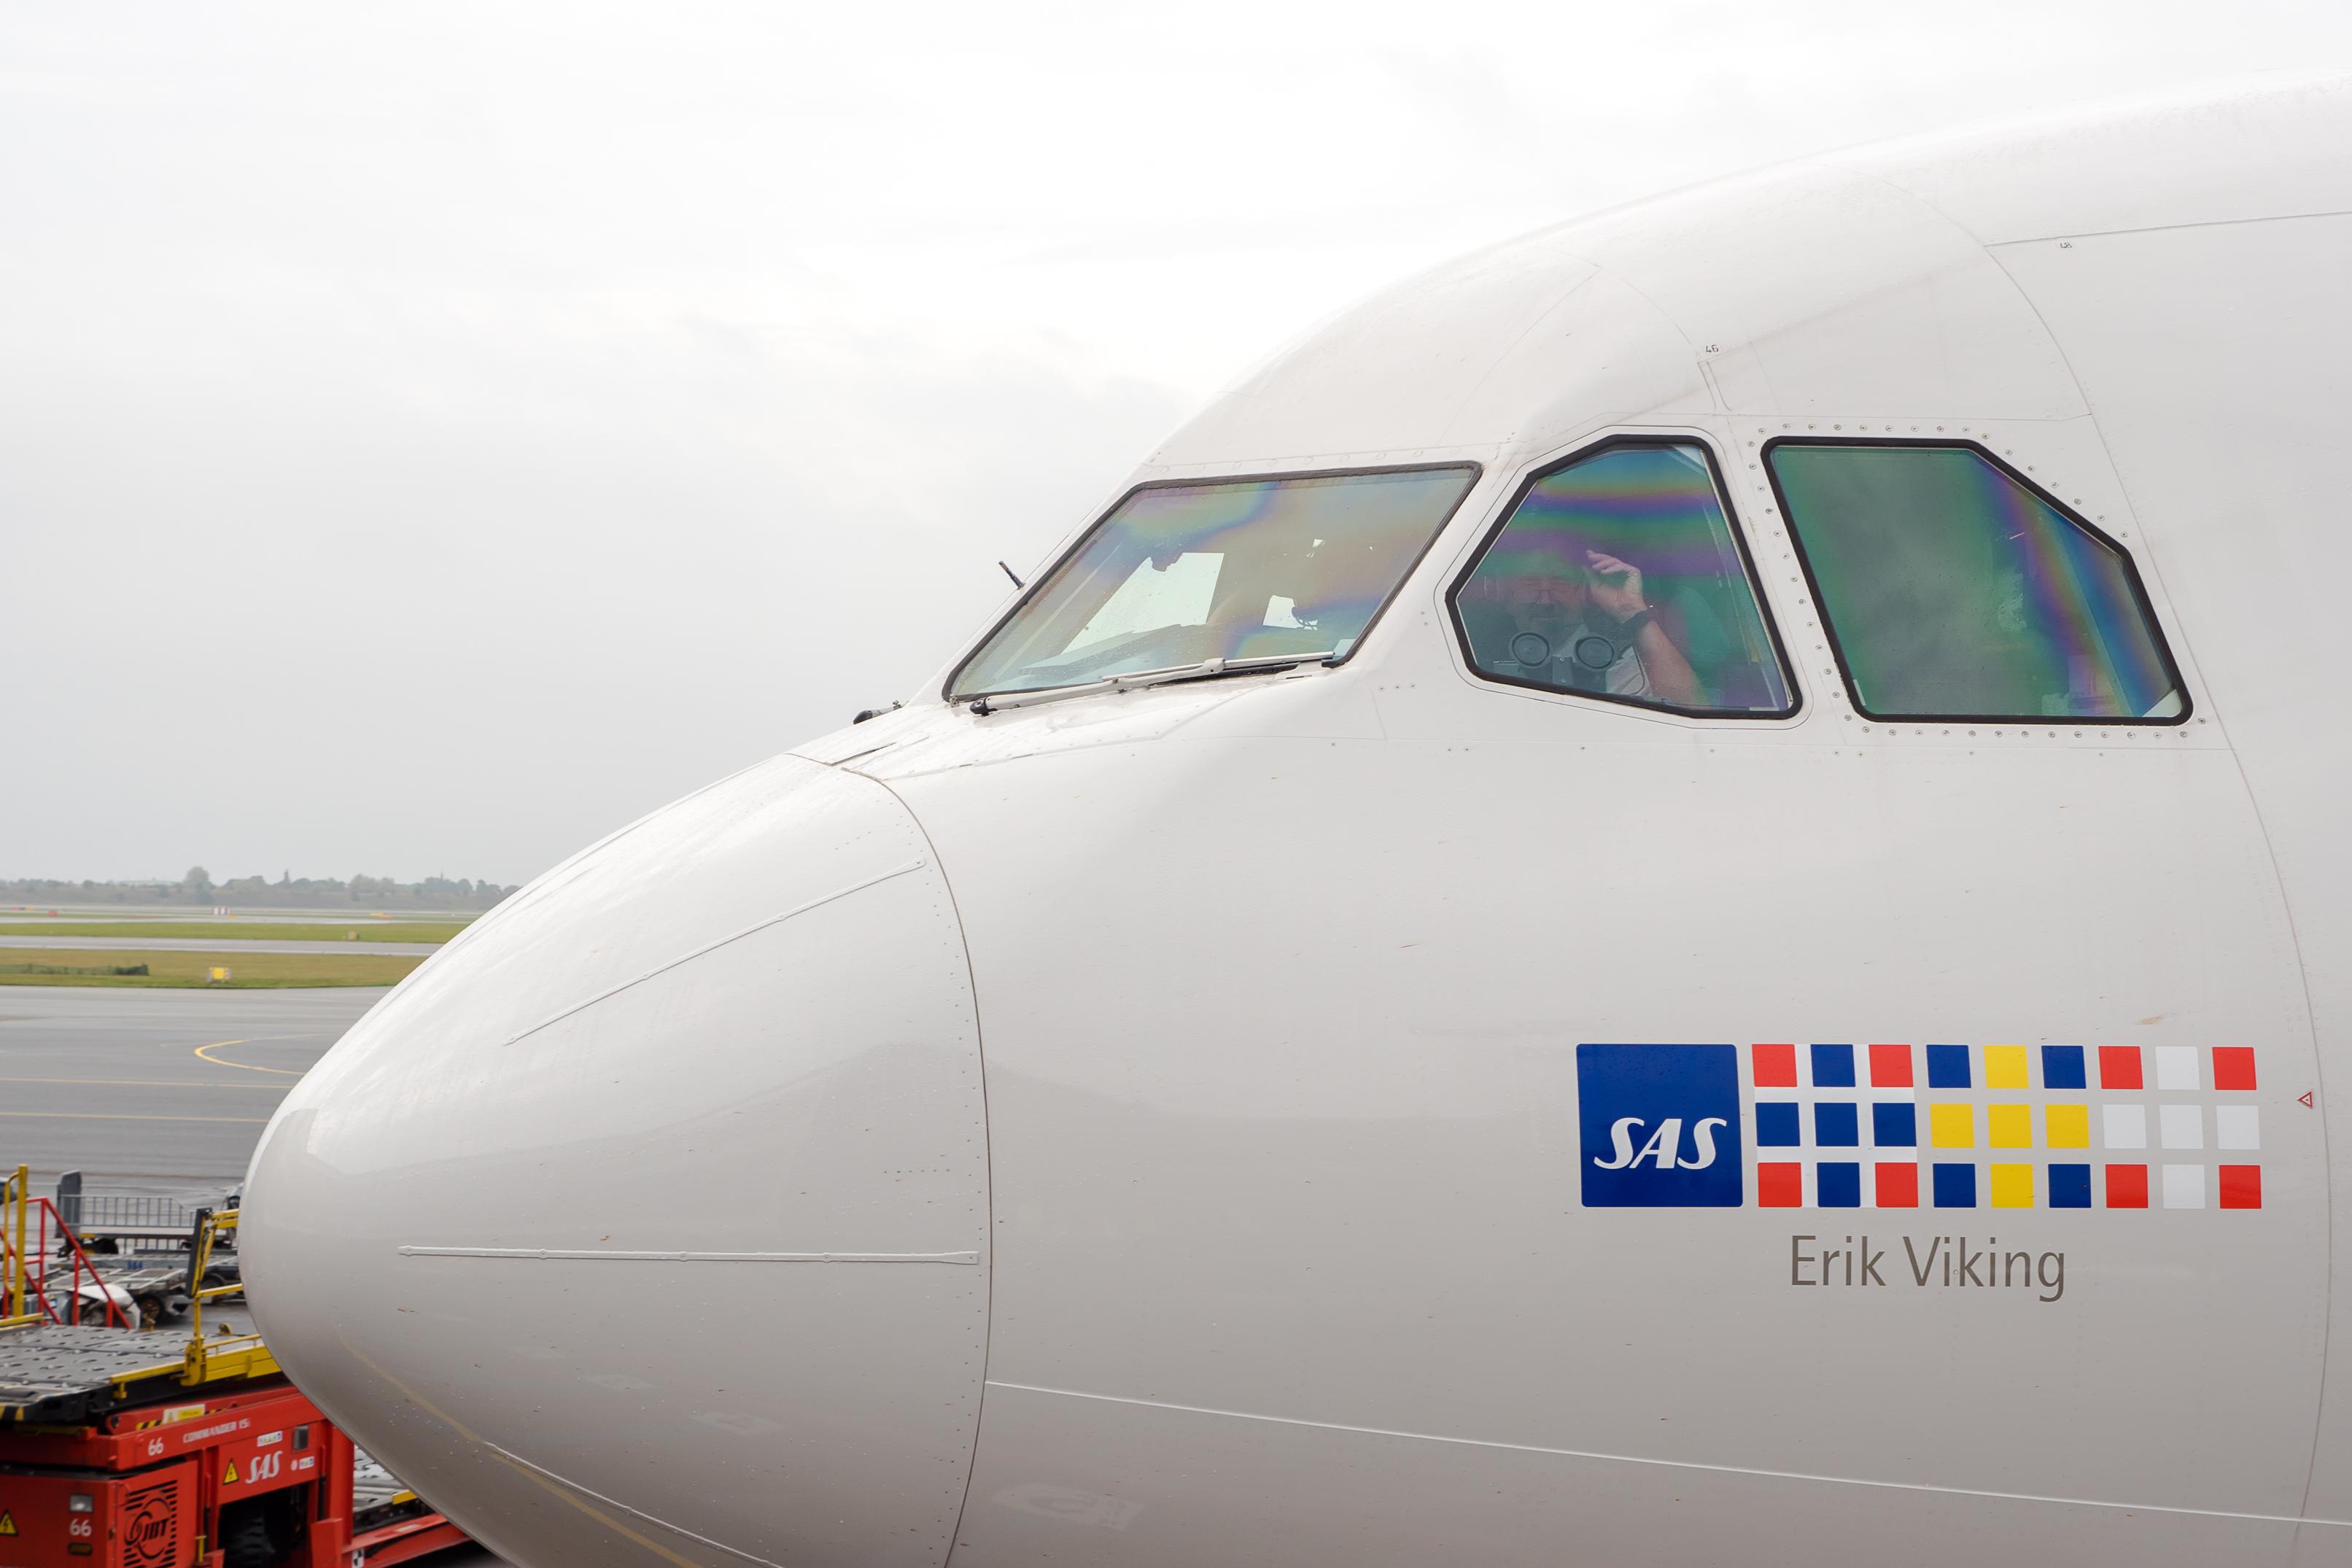 Alene SAS har omkring 40 direkte flyvninger fra Københavns Lufthavn til USA om ugen. Foto: CPH.